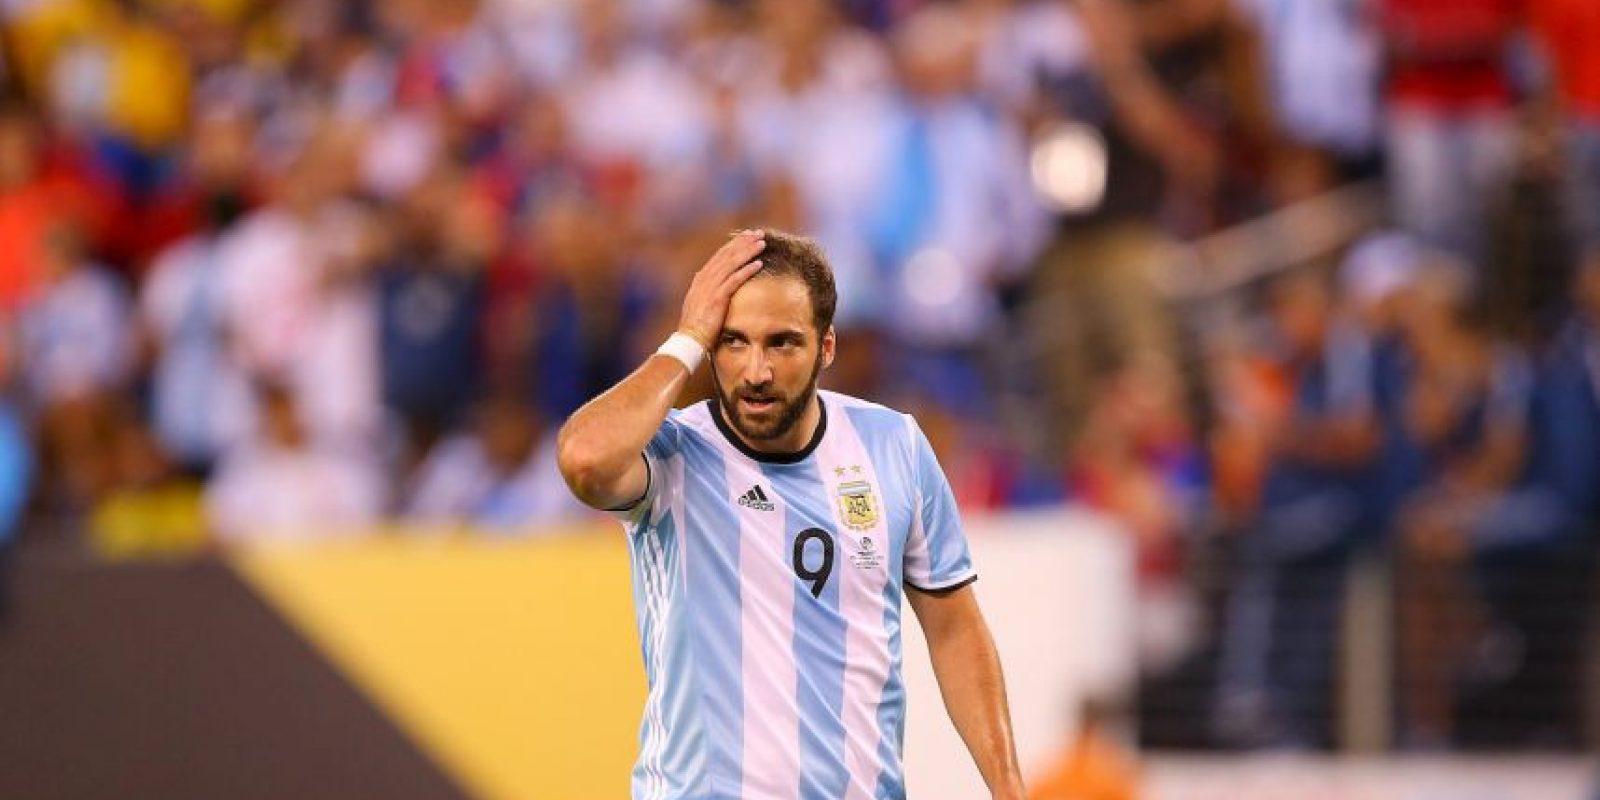 Y fue comparado por sus errores con el argentino Gonzalo Higuaín Foto:Getty Images